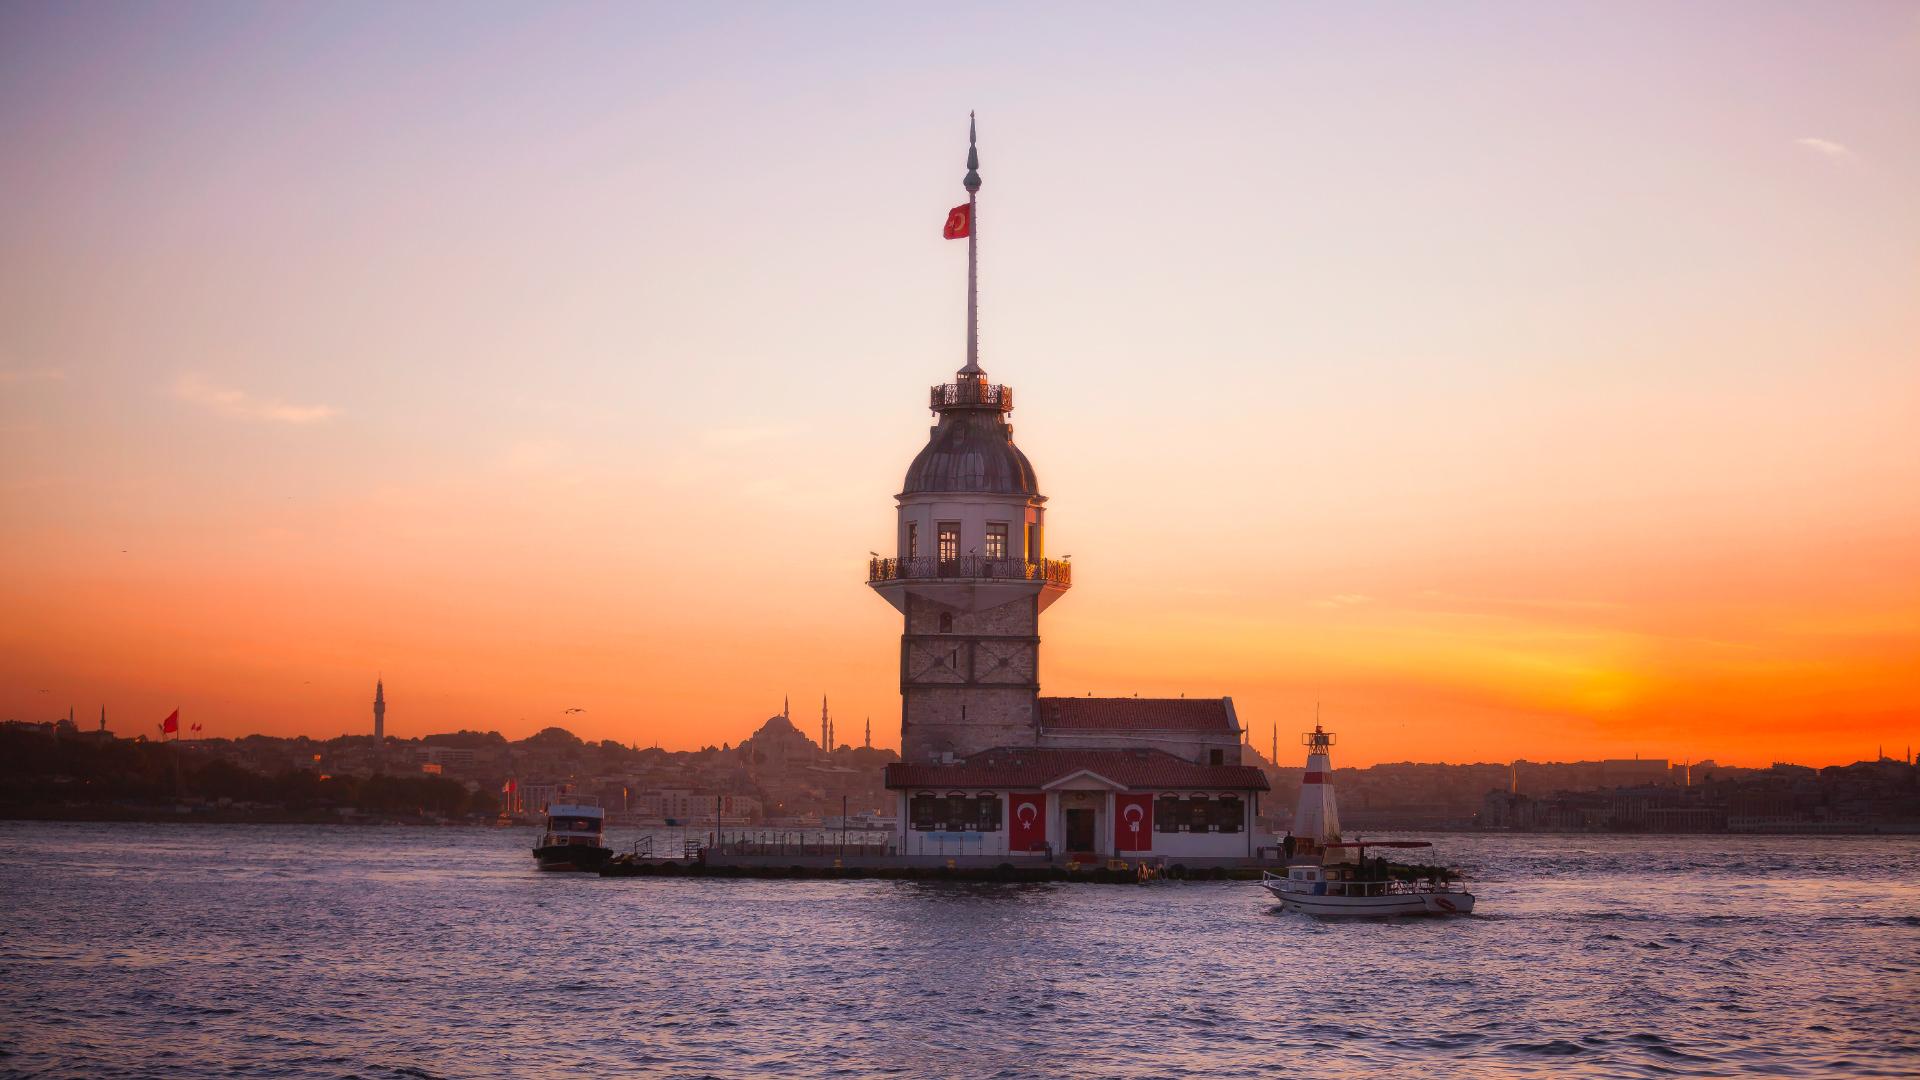 İstanbul'un Simgeleri: Sultanahmet Camii, Ayasofya, Kız Kulesi